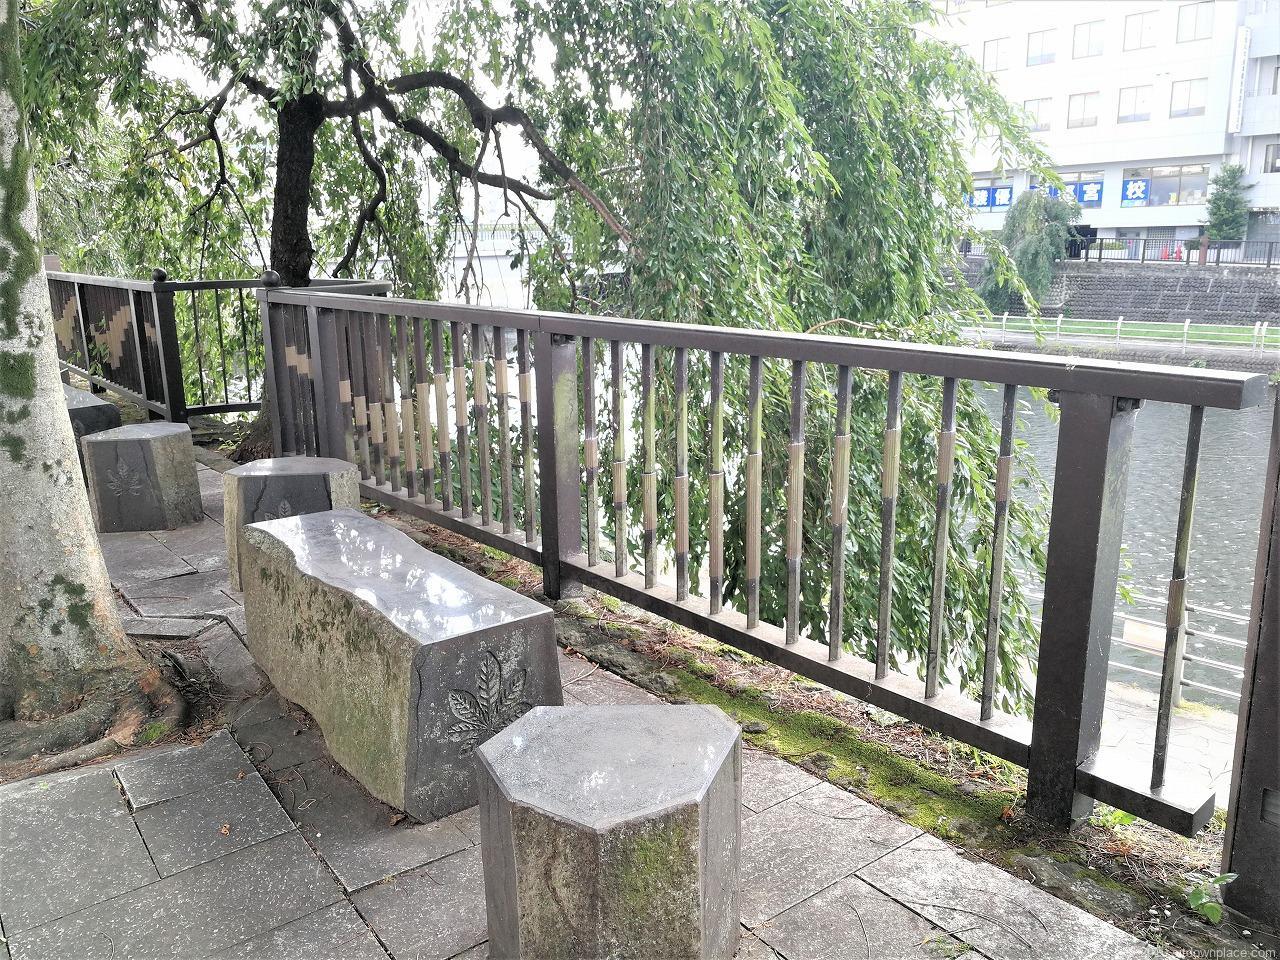 田川 奥州街道付近の休憩場所の石材ベンチ